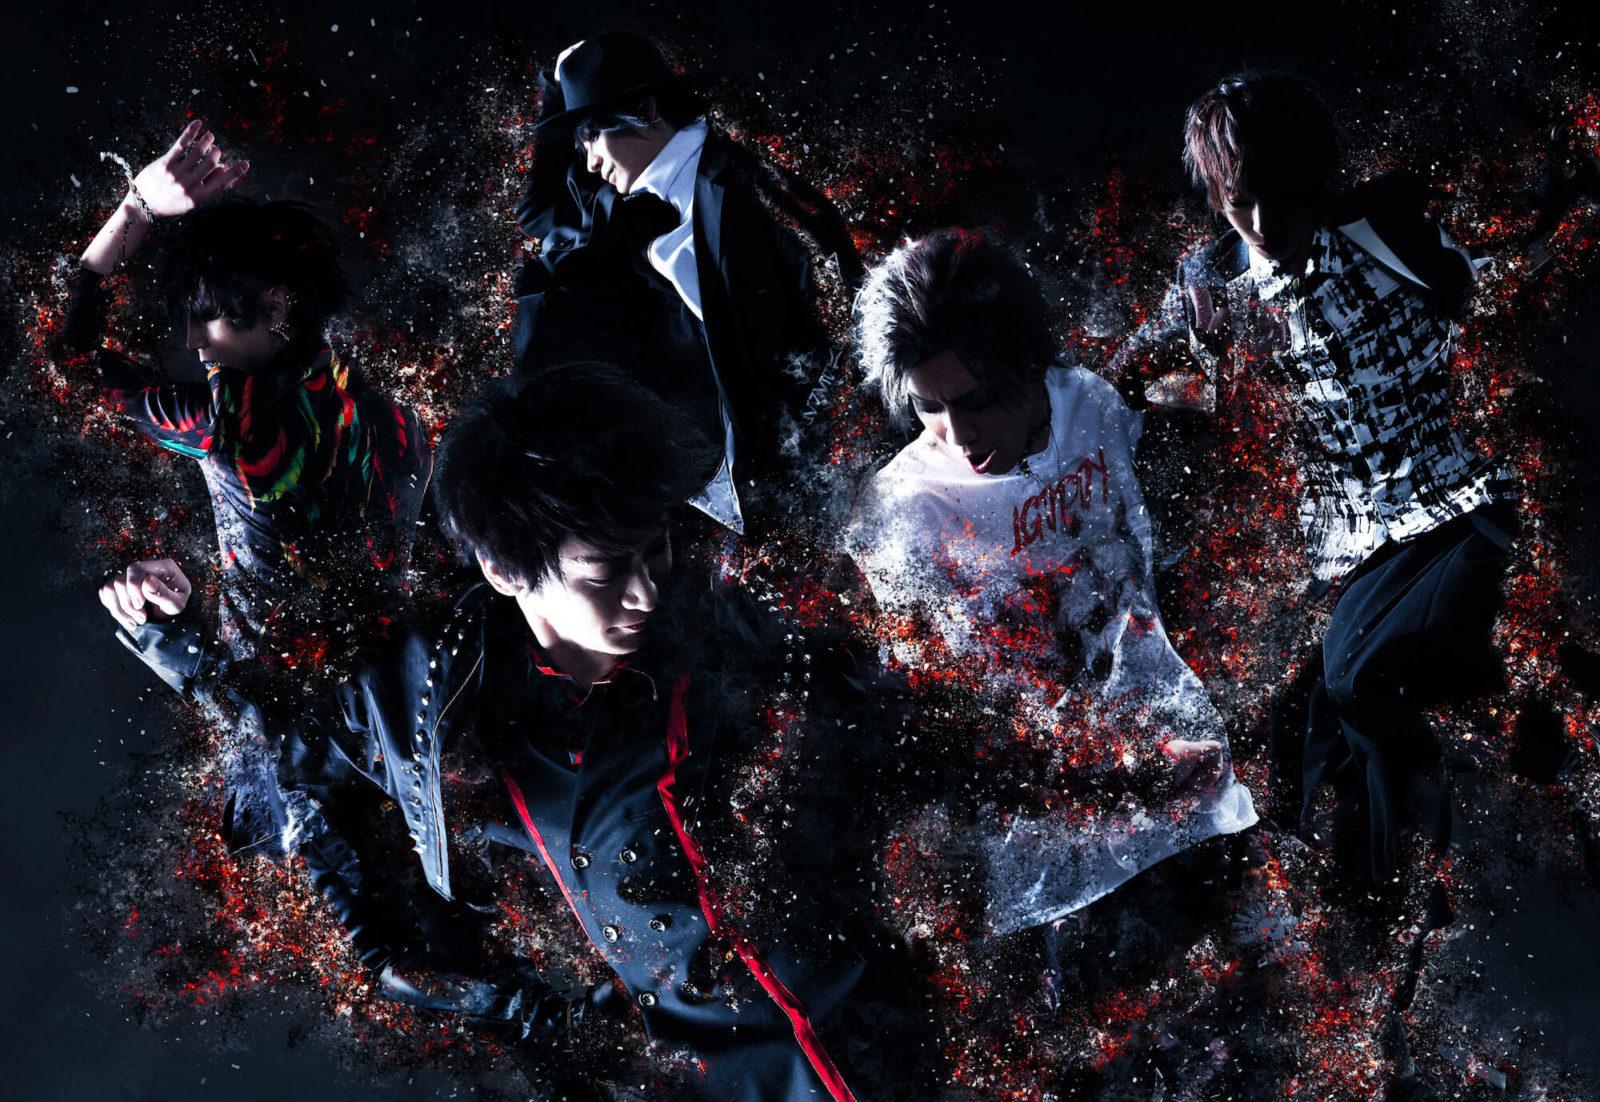 ロックバンド「ナナ」ライブツアー&インストアイベント開催決定サムネイル画像